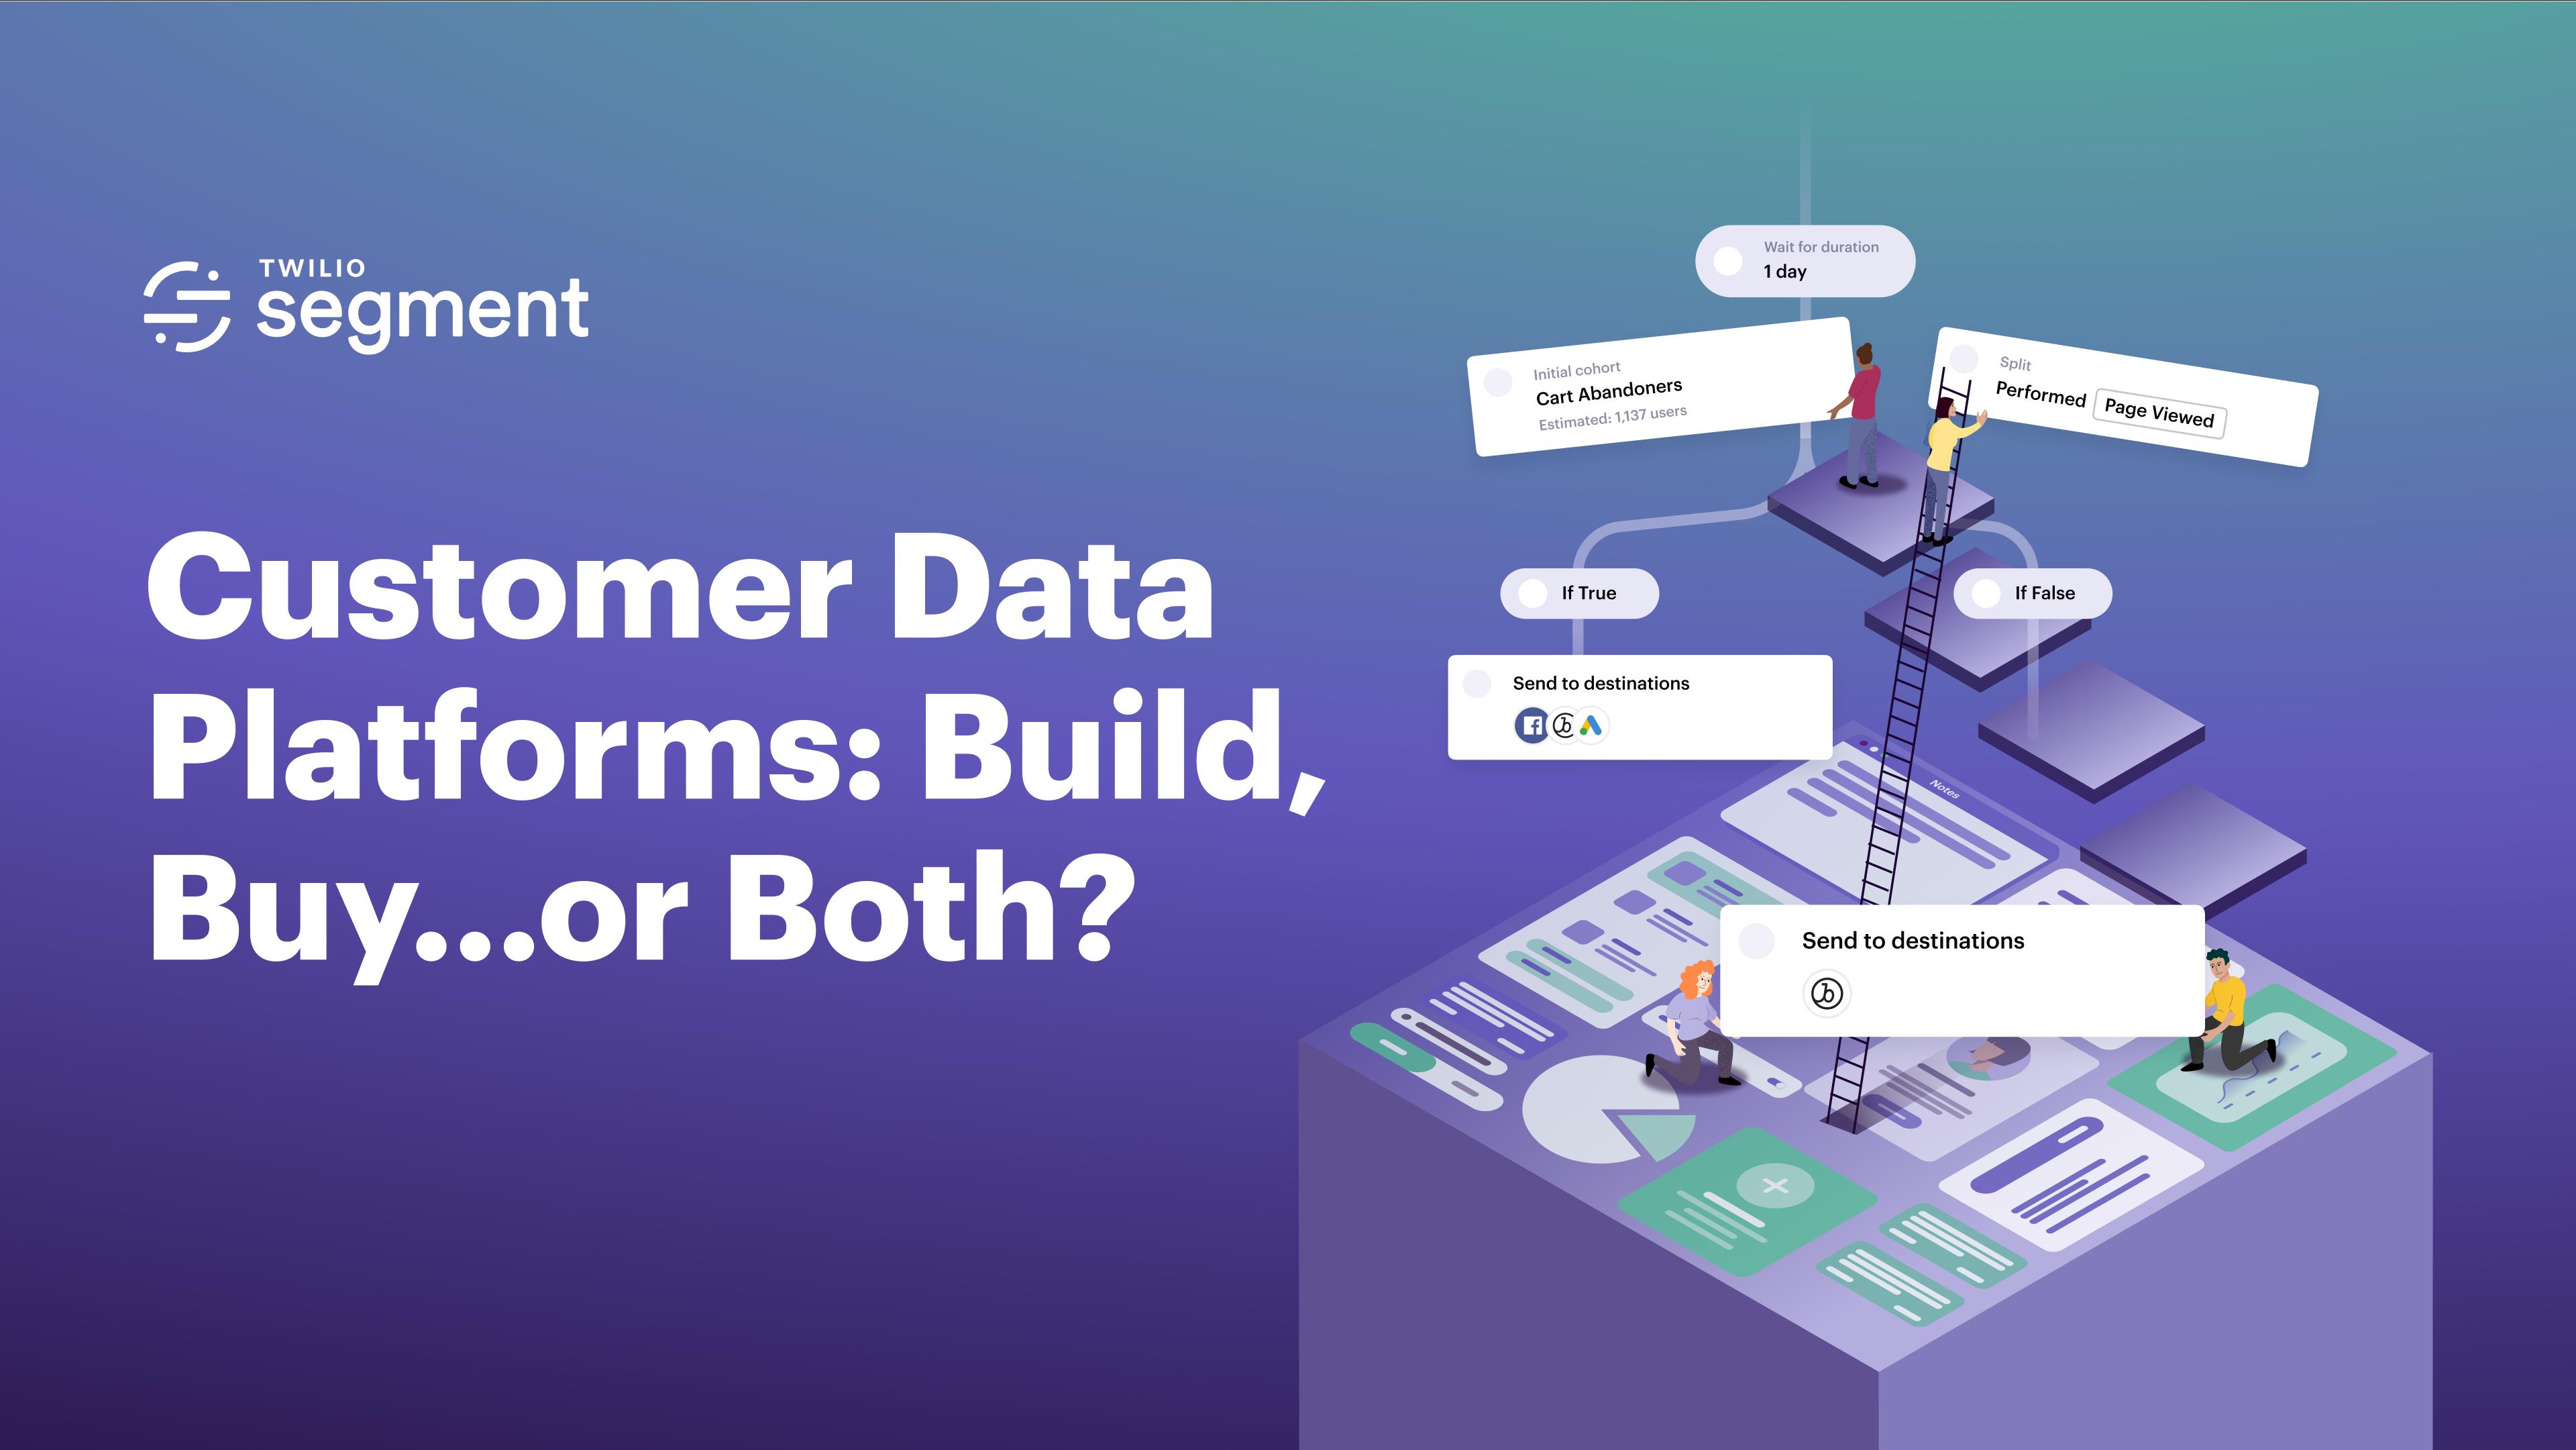 万博官方购彩客户数据平台:构建、购买……还是两个?